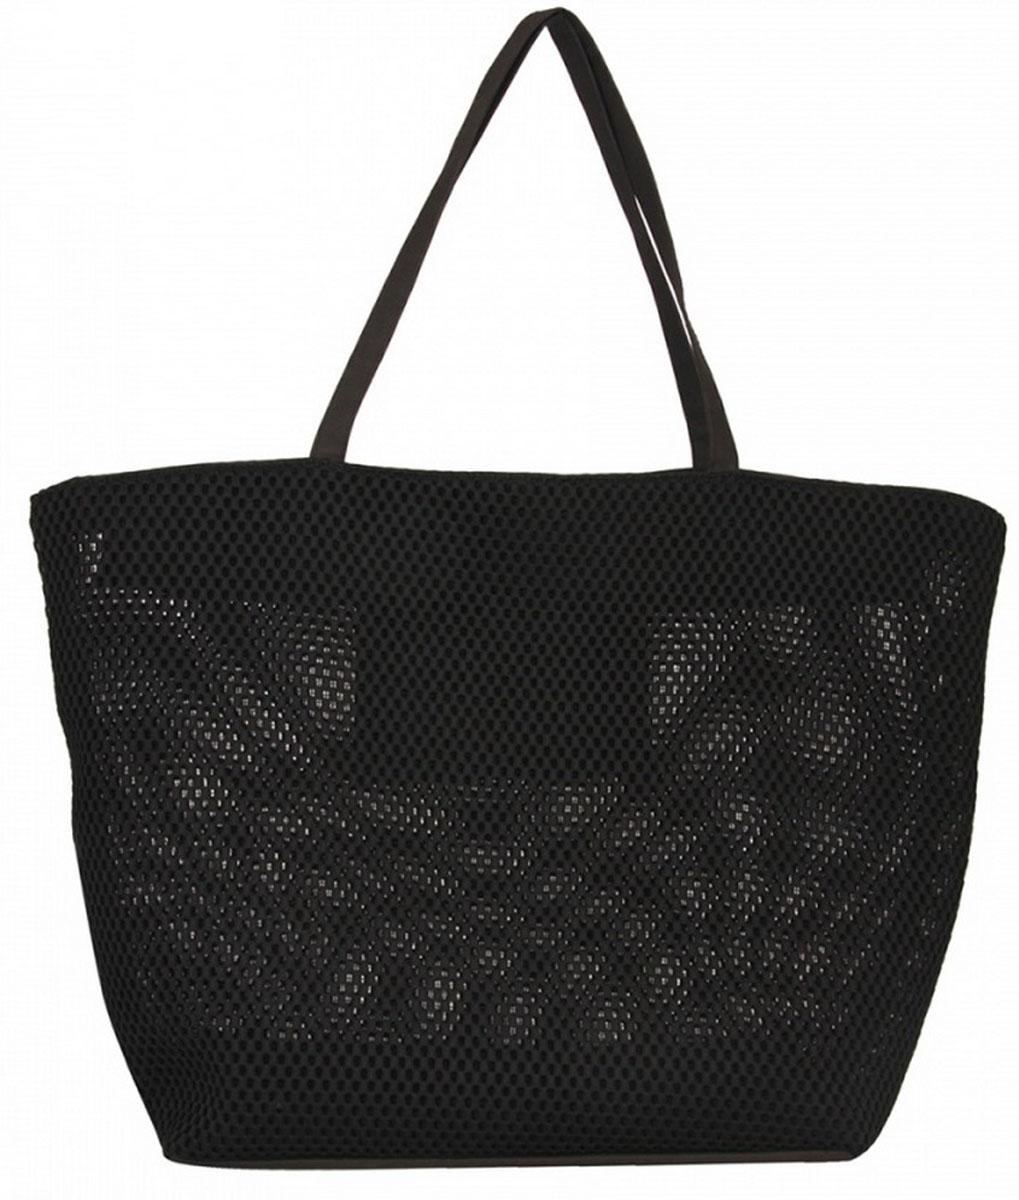 Сумка женская Venera, цвет: черный. 1203156-23-47670-00504Итальянская сумка Venera черного цвета, размером 39х63х22см. Изготовлена из полиэстера прочного материала непропускающего влагу. Сумка это важнейшая часть женского гардероба, она является как модным аксессуаром так и удобным вместительным изделием для необходимых вещей.